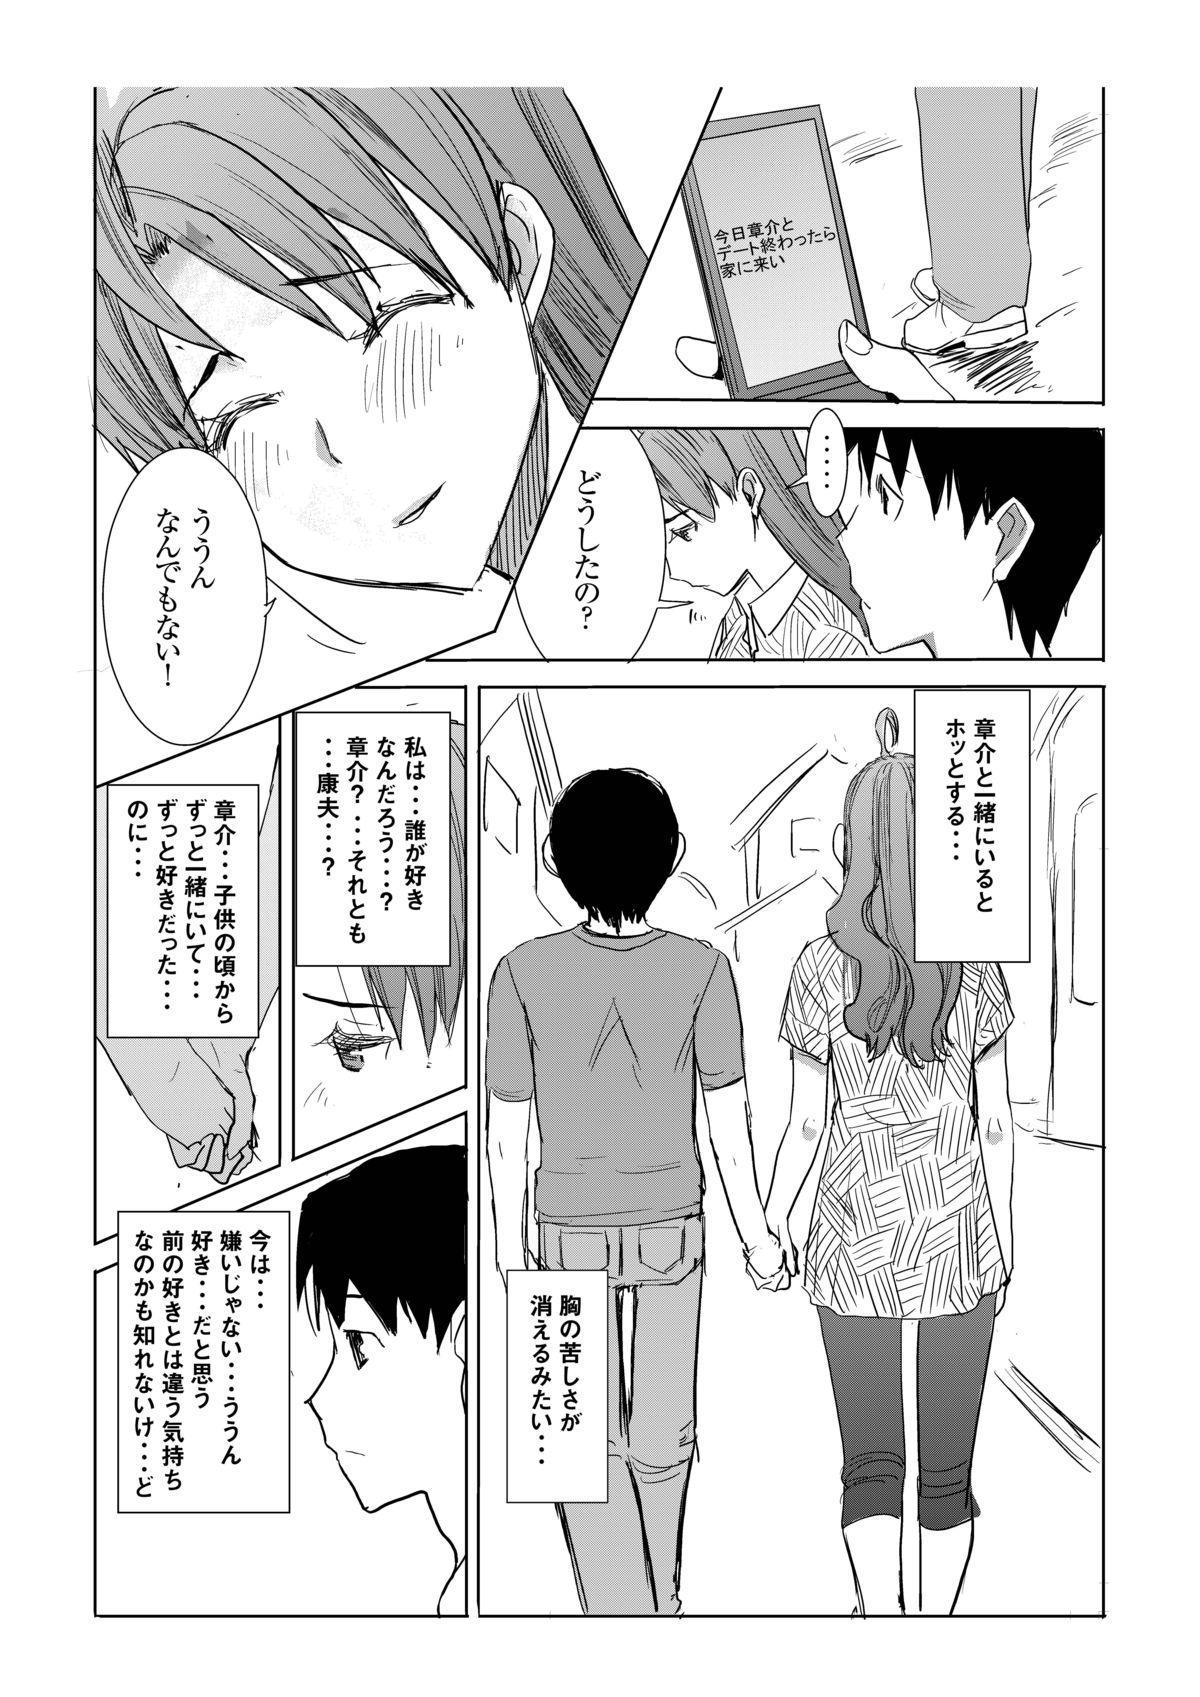 Unsweet Inoue Ai Watashi wa Dare wo Aishiteru no... Daisuki na Koibito... Soretomo Aitsu... act 1 34